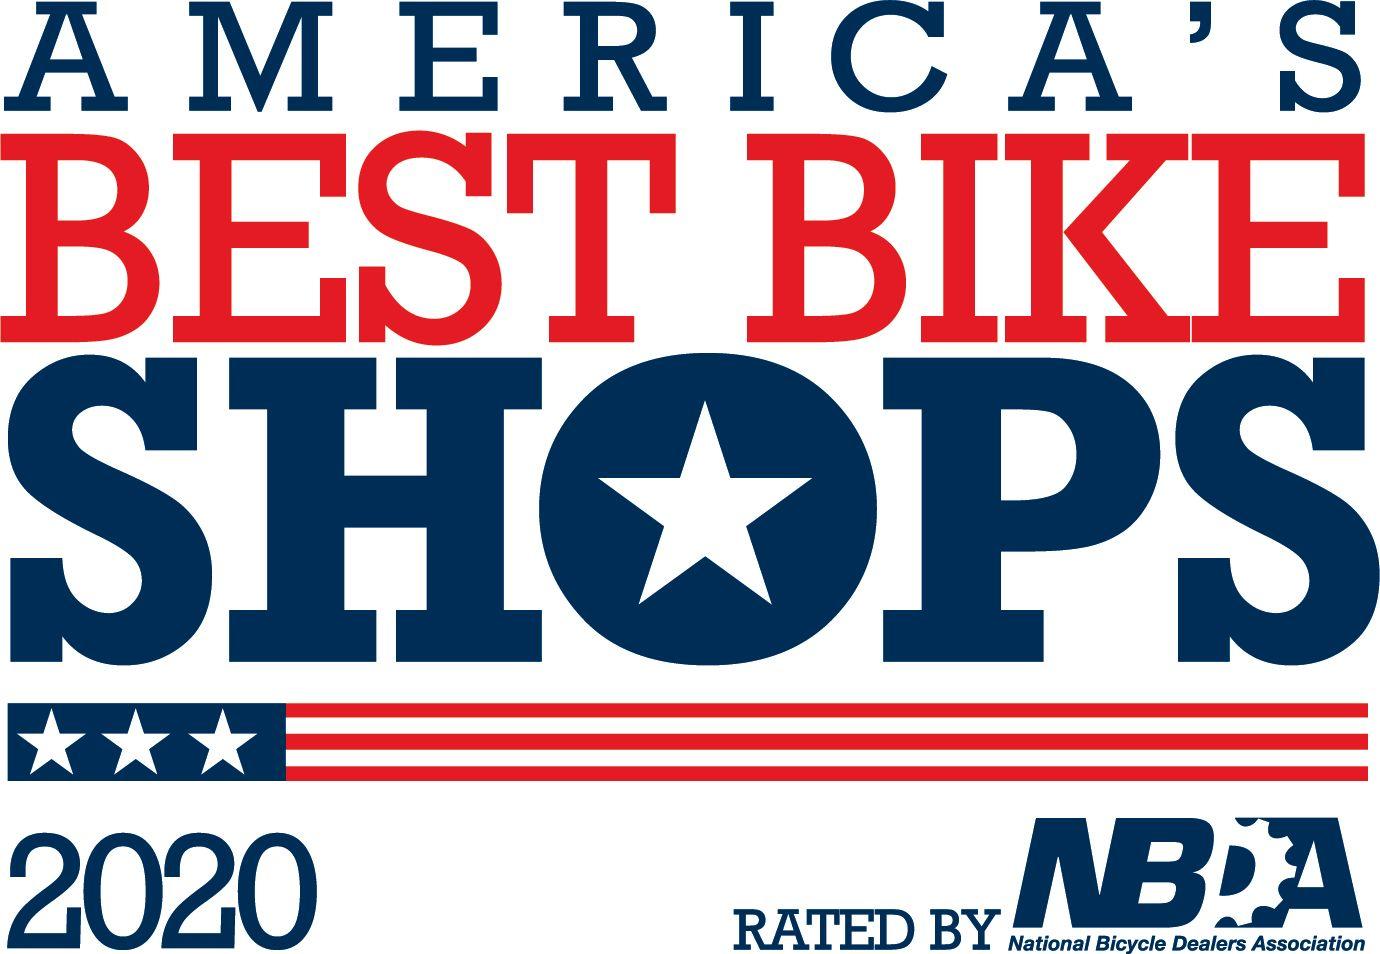 America'a best bike shop 2020